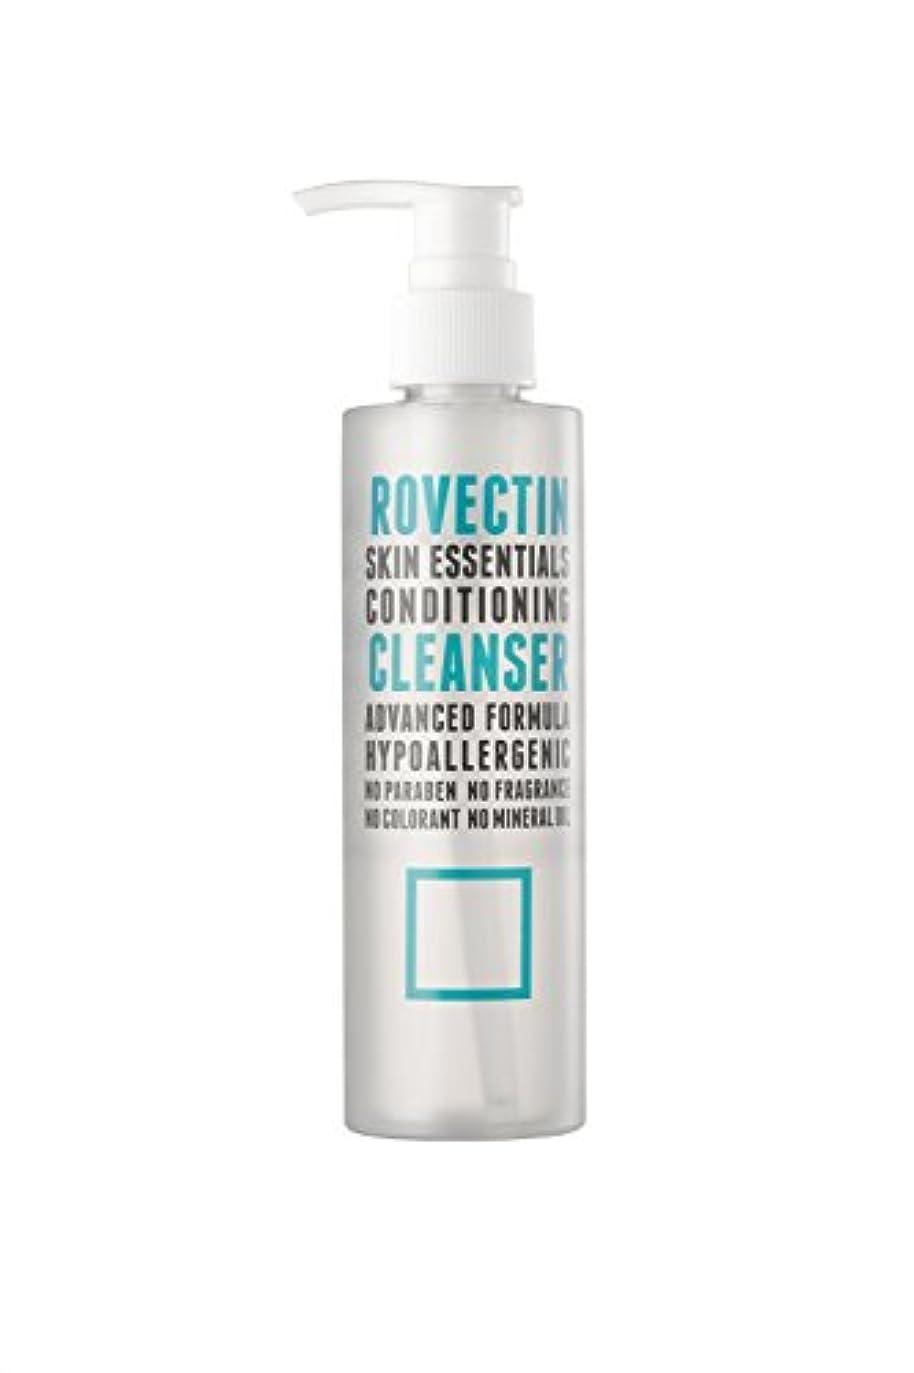 生まれ管理する怠スキン エッセンシャルズ コンディショニング クレンザー Skin Essentials Conditioning Cleanser 175ml [並行輸入品]